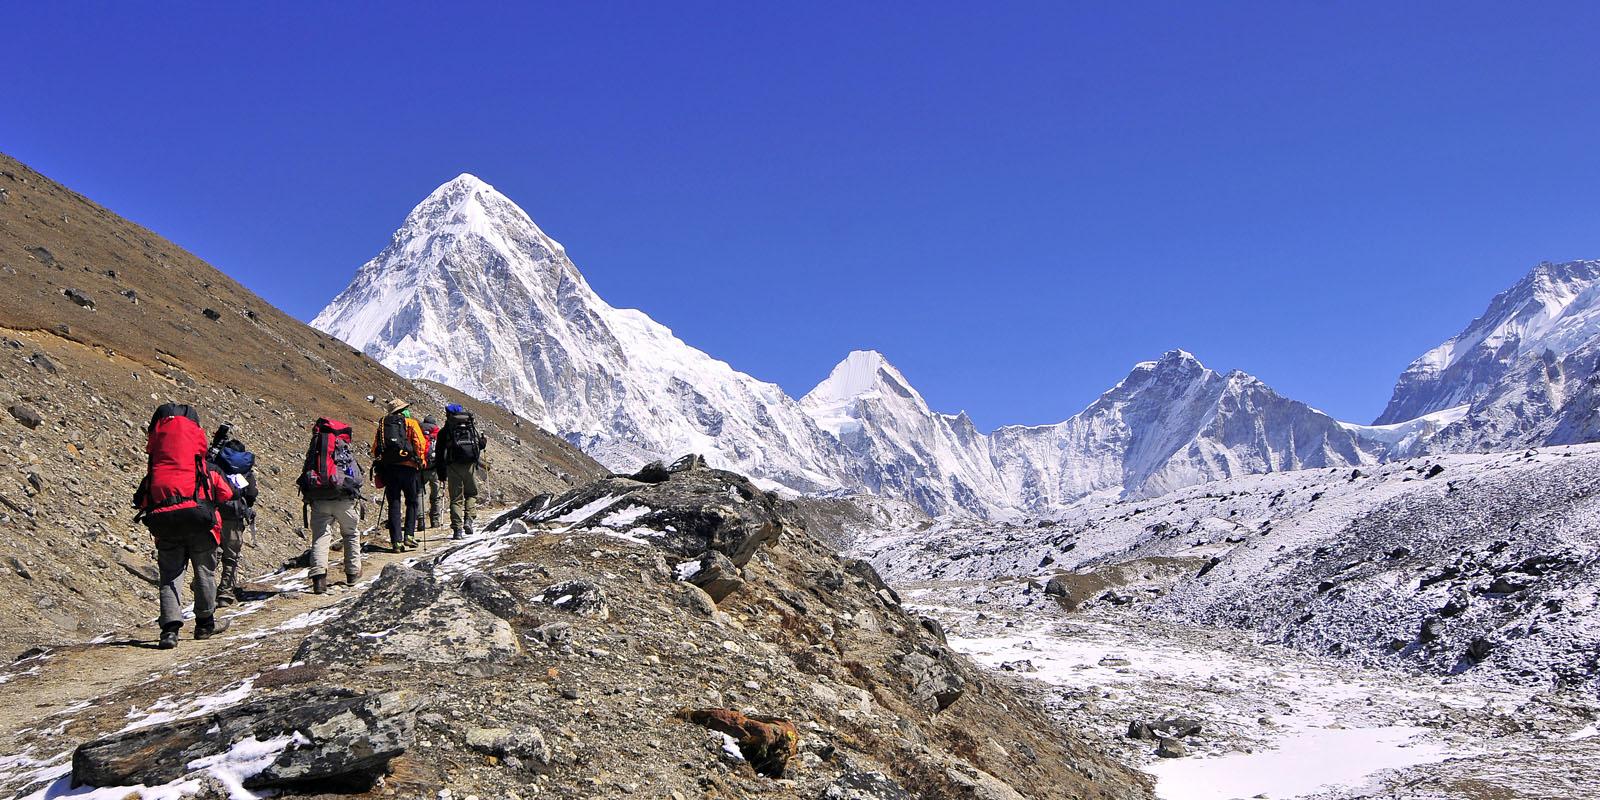 PŘÍPRAVY NA TREK V NEPÁLU (Nepál d6d58dabb39